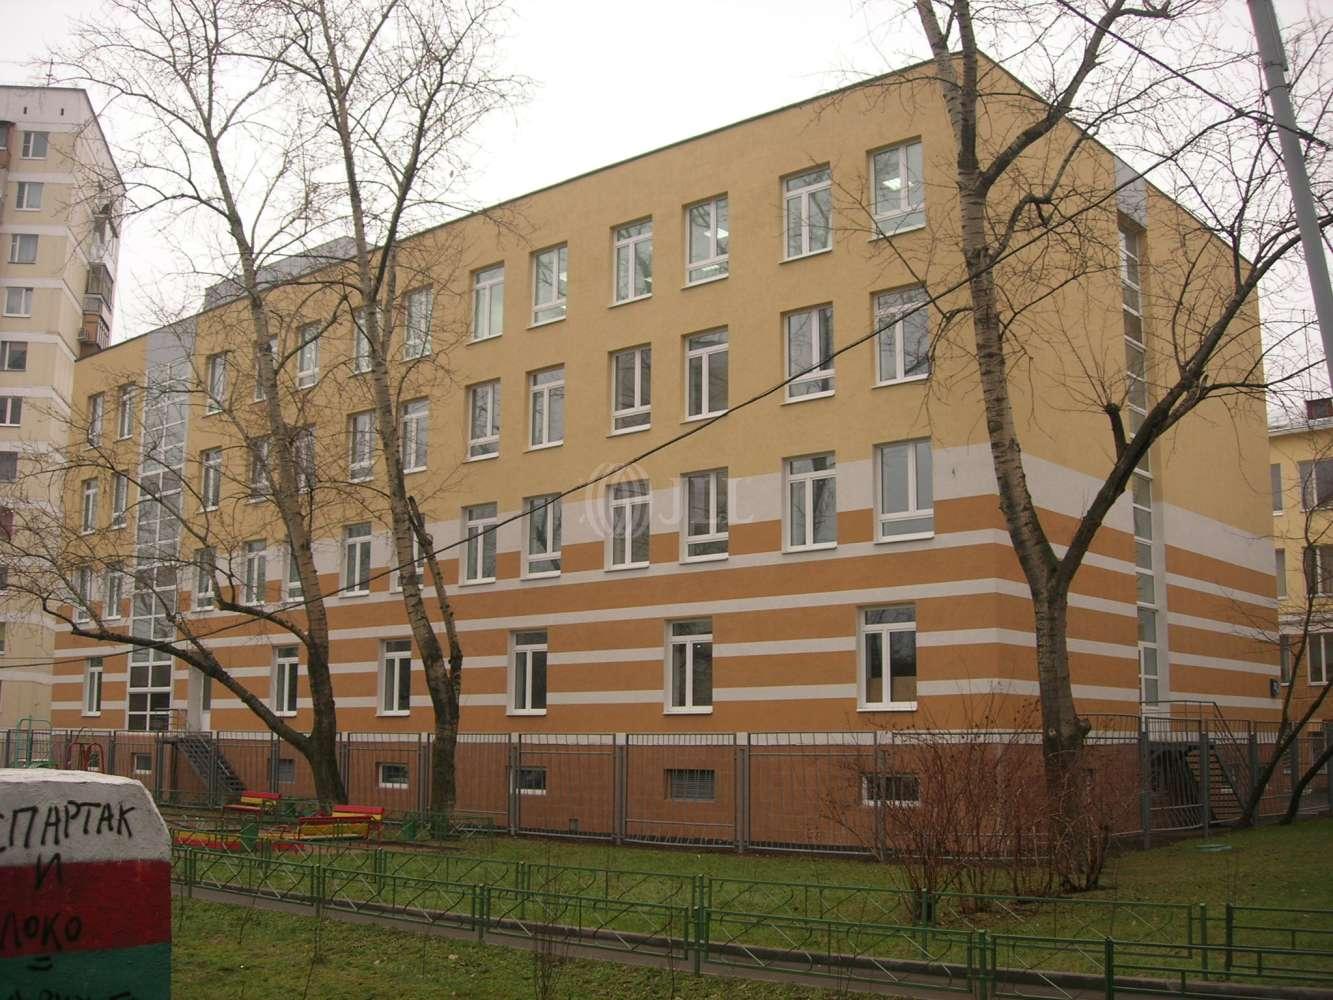 Офисная недвижимость Москва - Нагорная ул. 20 стр. 1